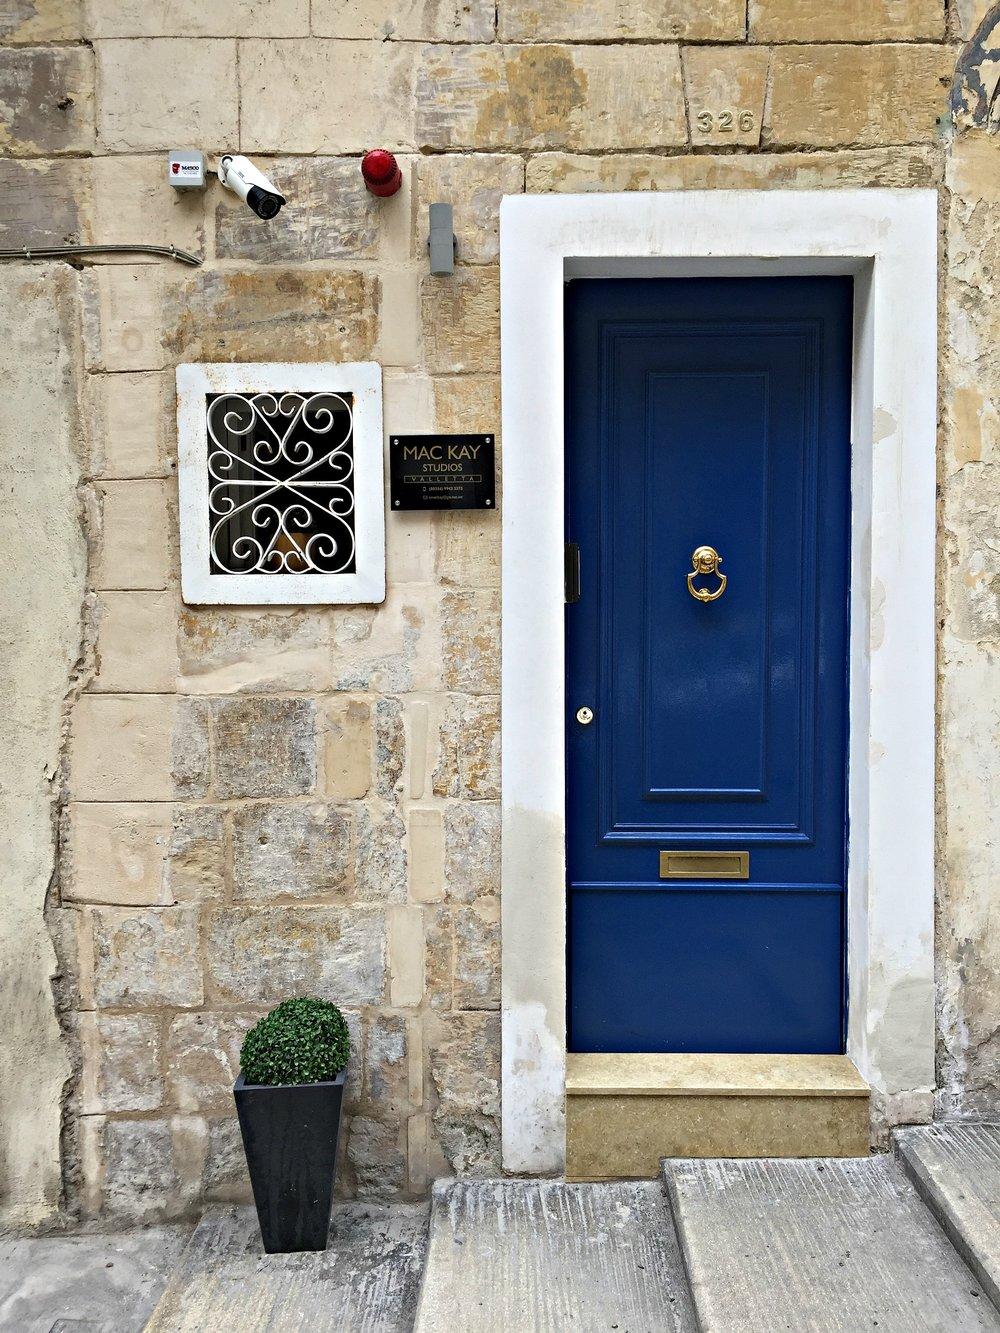 Malta Valletta the Blue Door